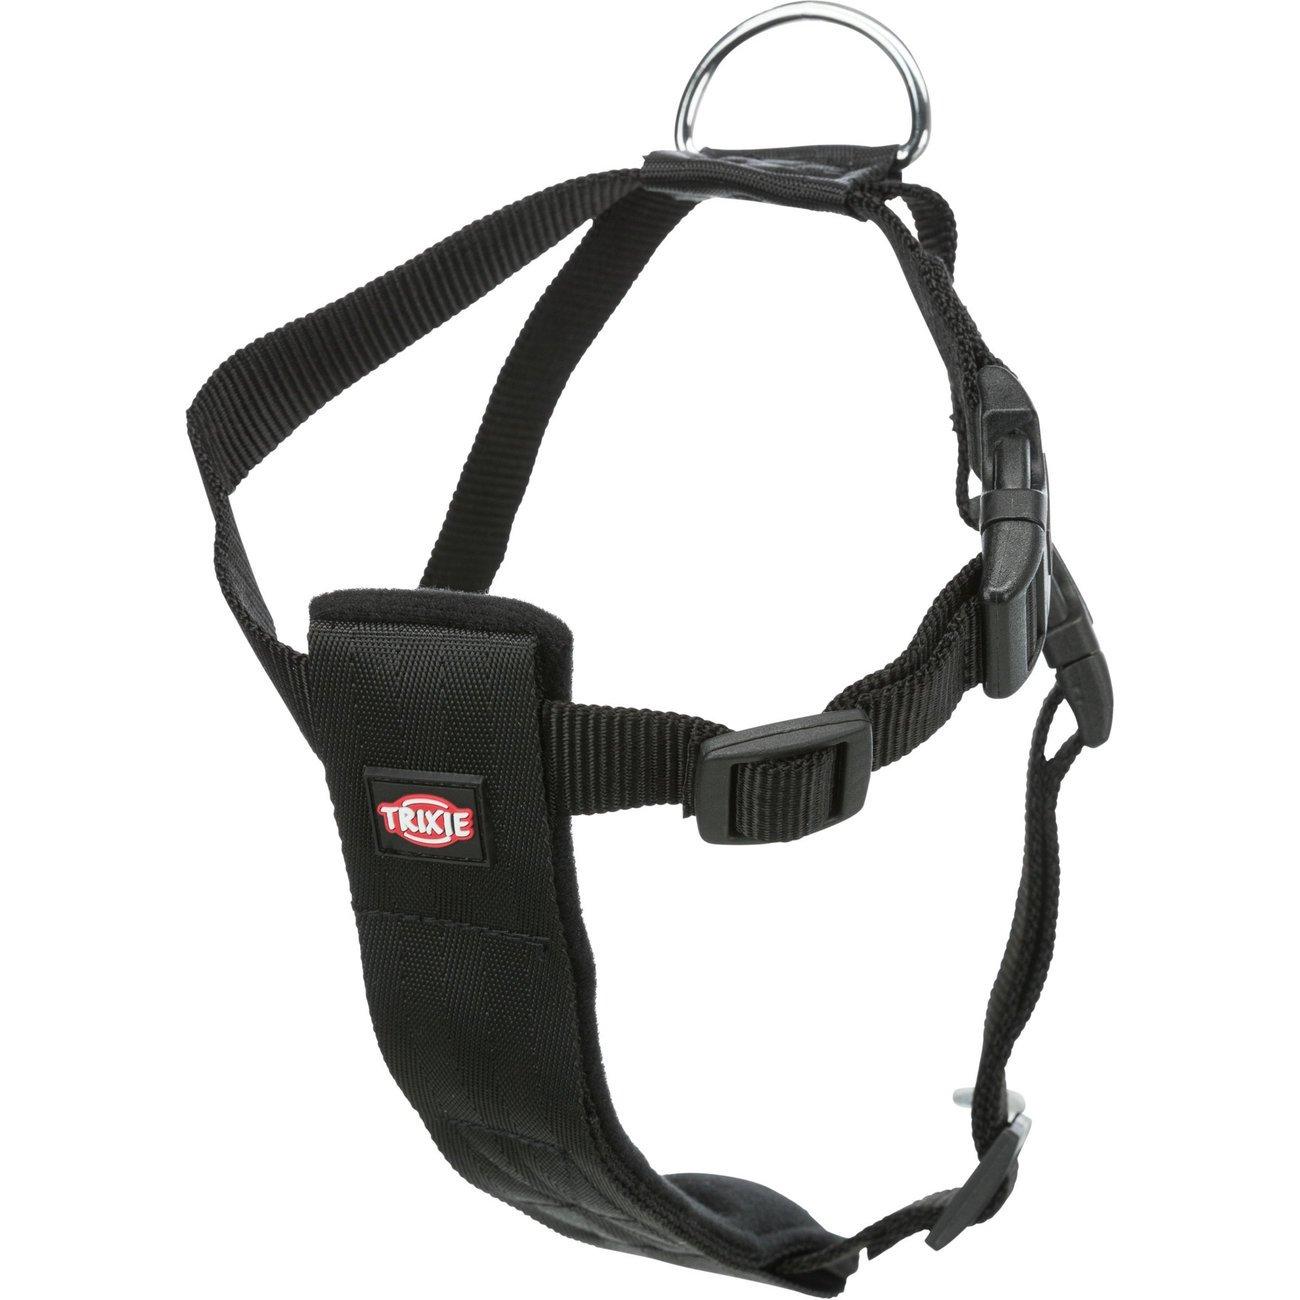 TRIXIE Hunde Sicherheitsgurt Sicherheitsgeschirr für das Auto 1288, Bild 8